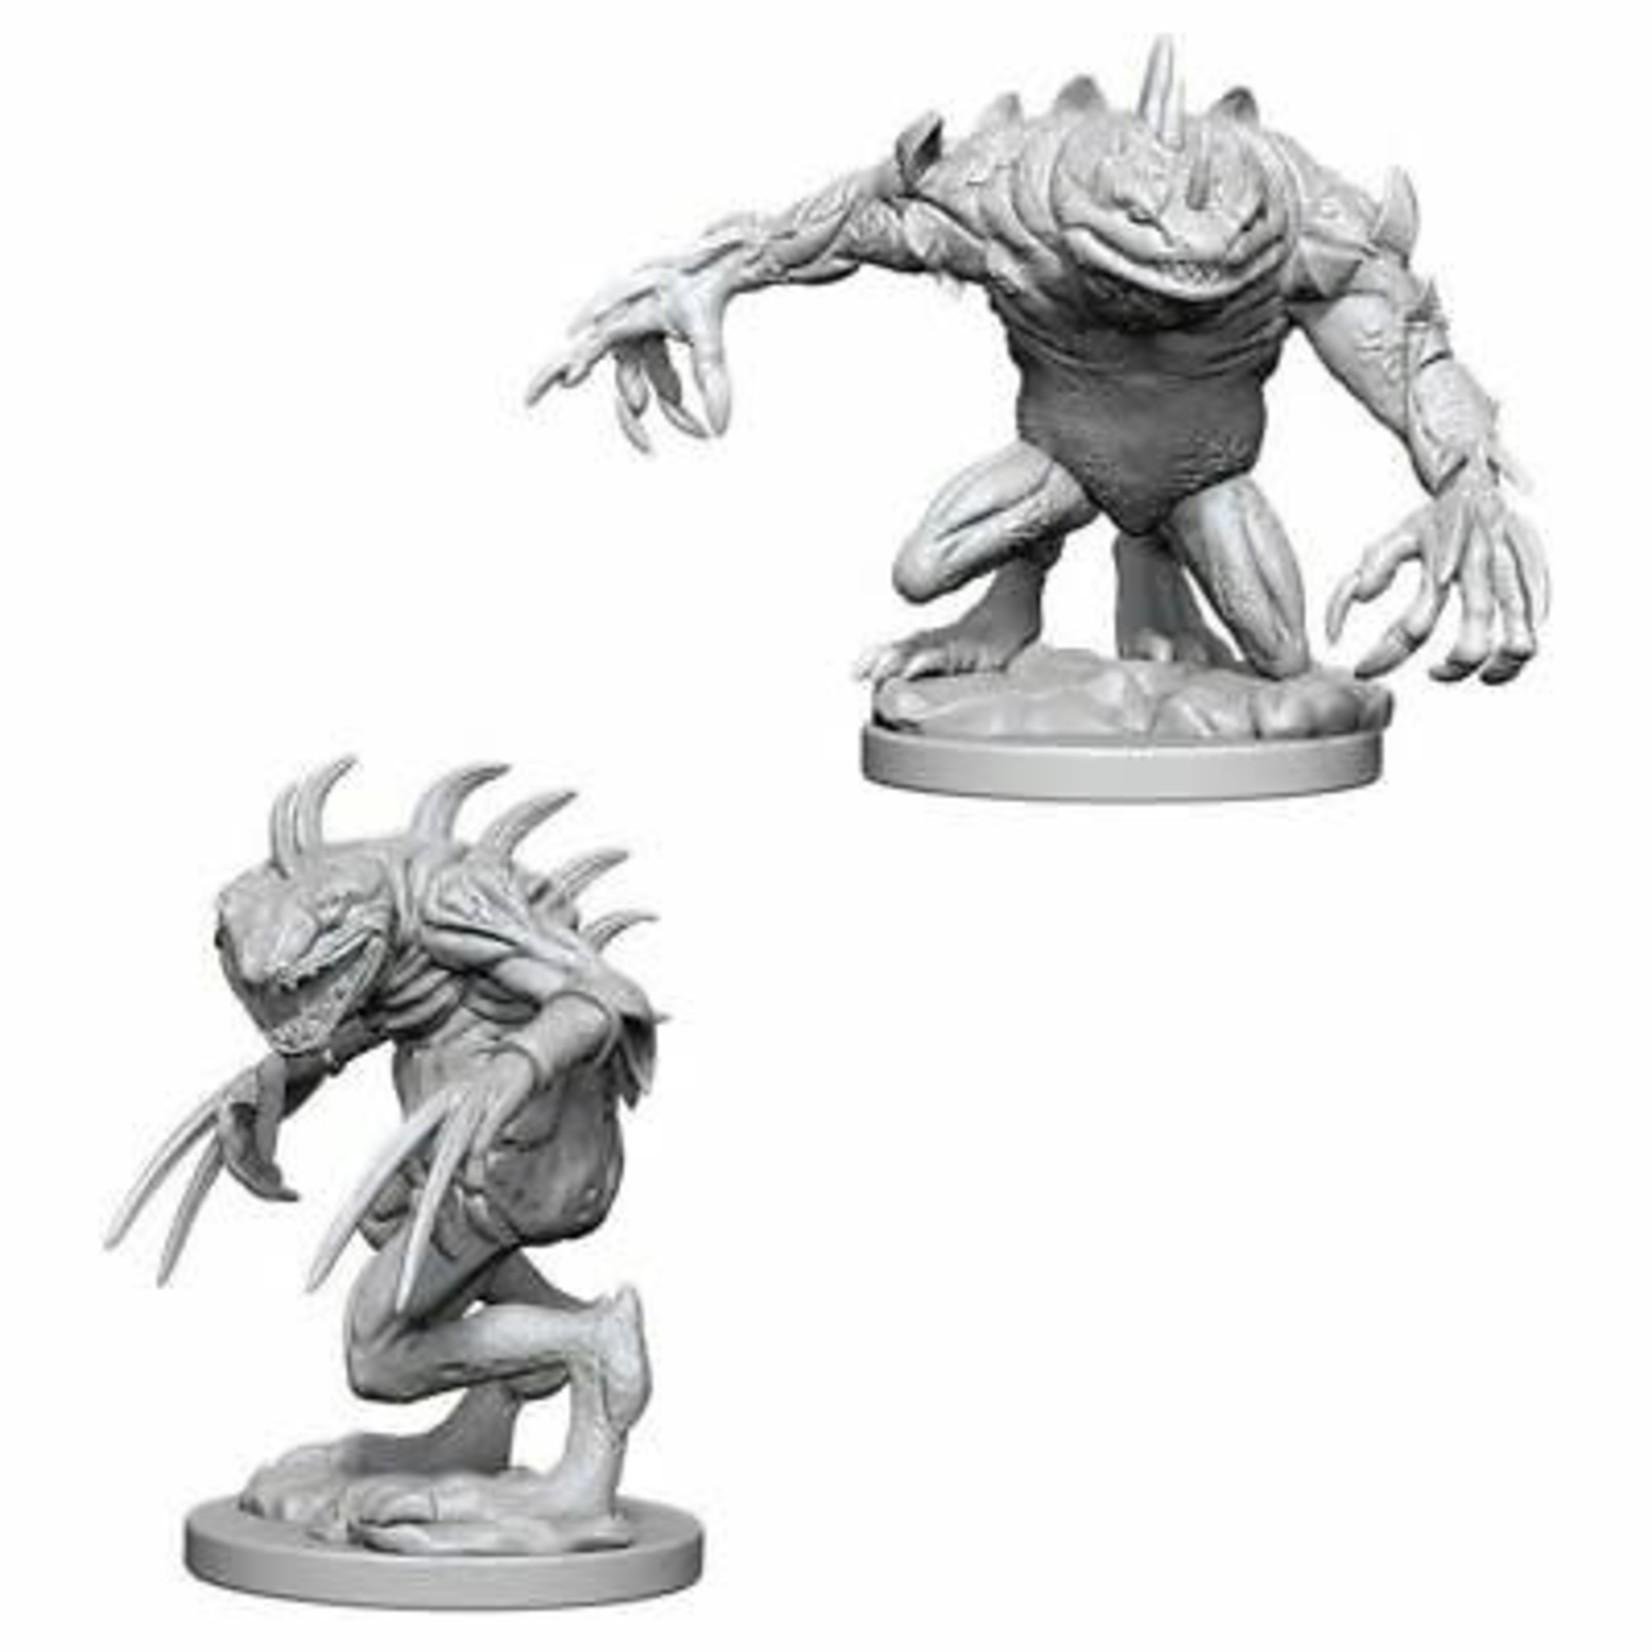 WizKids Dungeons & Dragons Nolzur's Marvelous Miniatures: Grey Slaad & Death Slaad